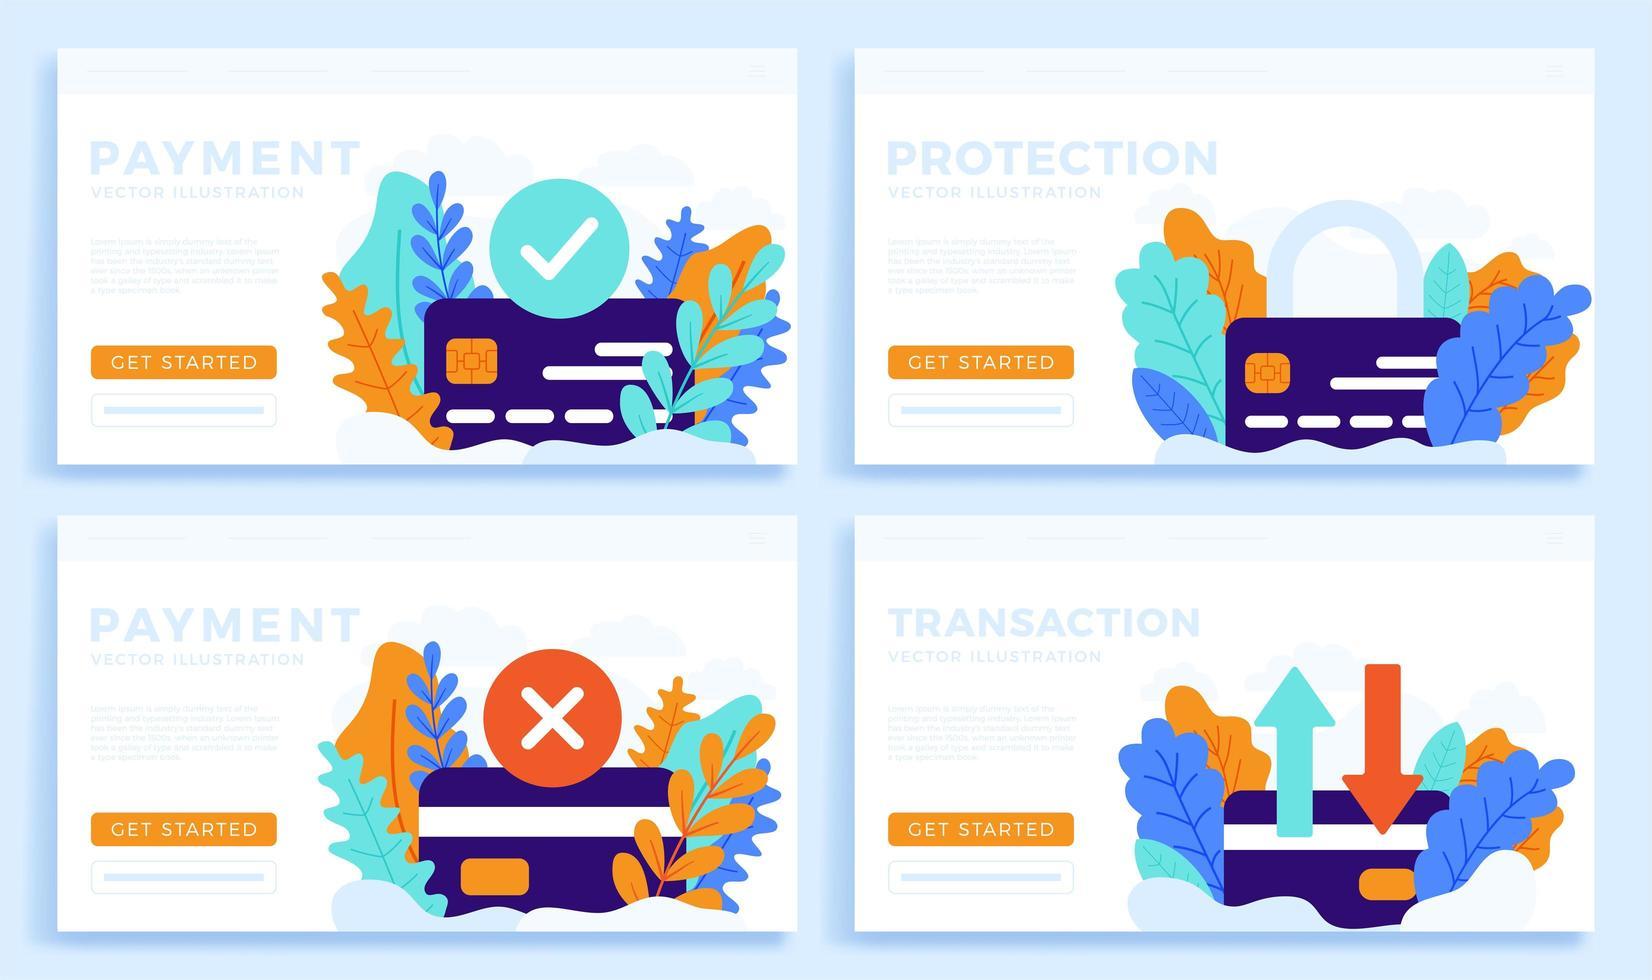 ställa in kreditkortsvektorillustration för målsida eller presentation. accepterad betalning, avvisad betalning, överföring och skydd vektor